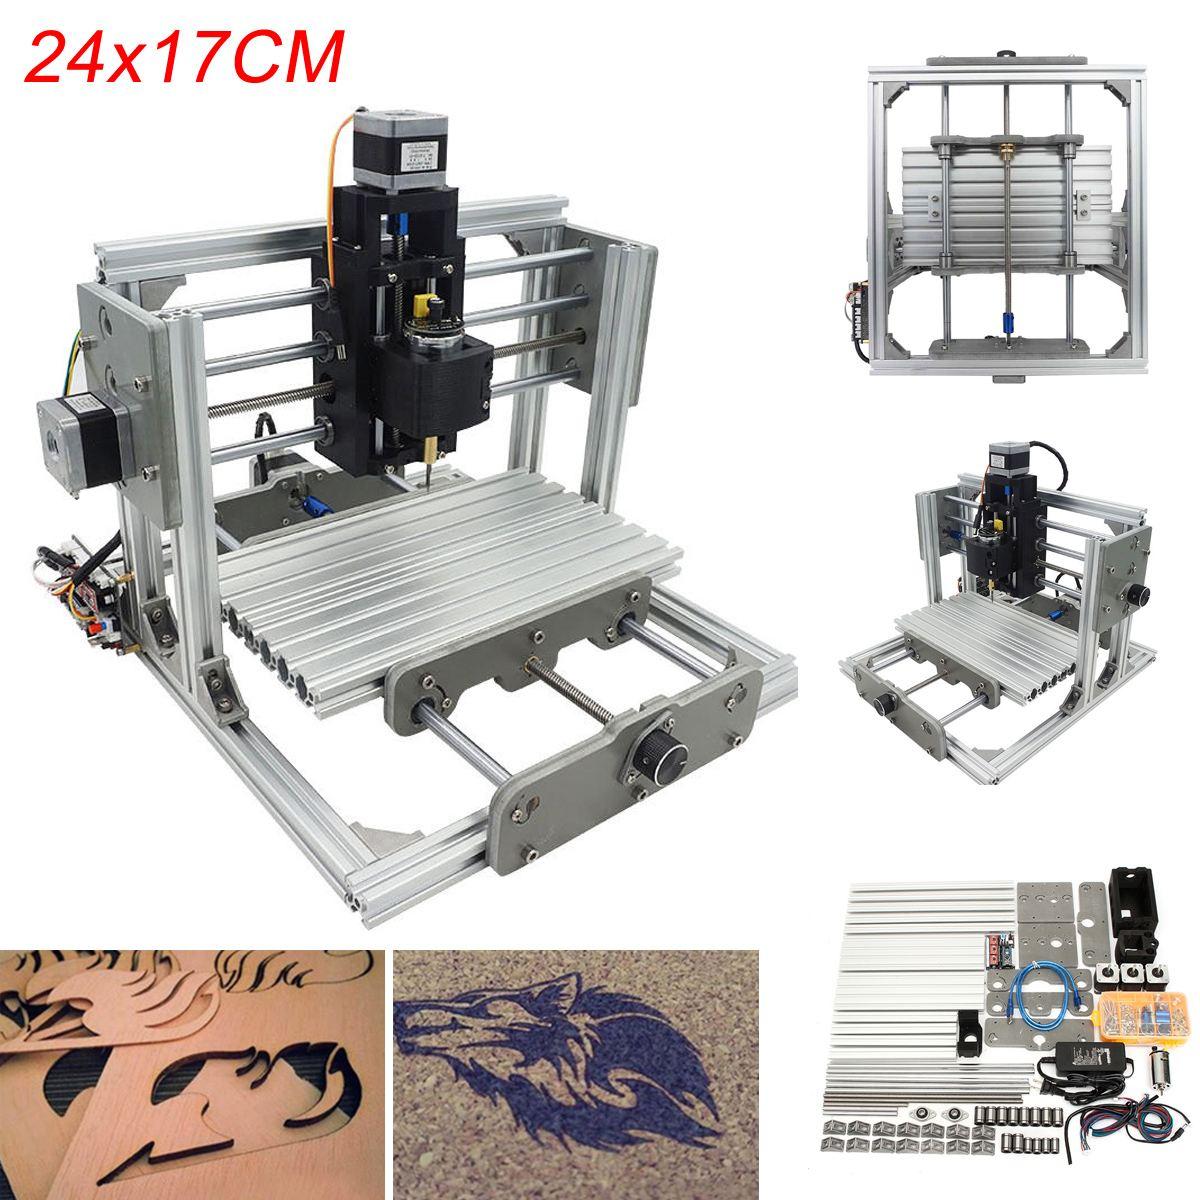 Mini 3 Assi CNC di Fresatura per Incidere Macchina FAI DA TE Kit di Montaggio USB Desktop Incisore In Metallo PCB Fresatura Zona di Lavoro Della Macchina 24x17 cm